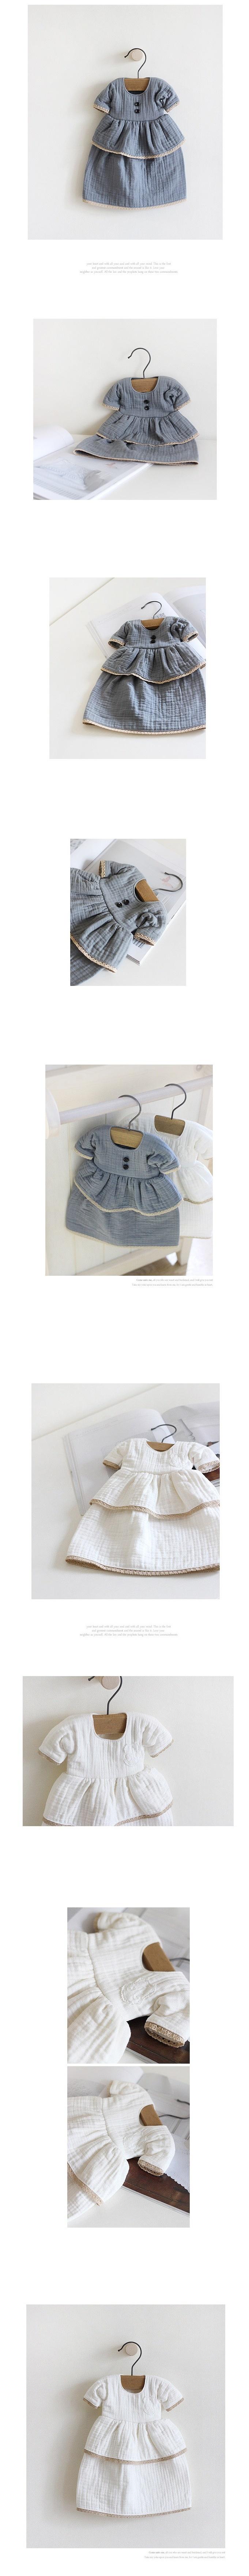 이중거즈 캉캉 주방수건 주방타올(2color) - 꾸미까, 13,800원, 주방장갑/주방타올, 주방타올